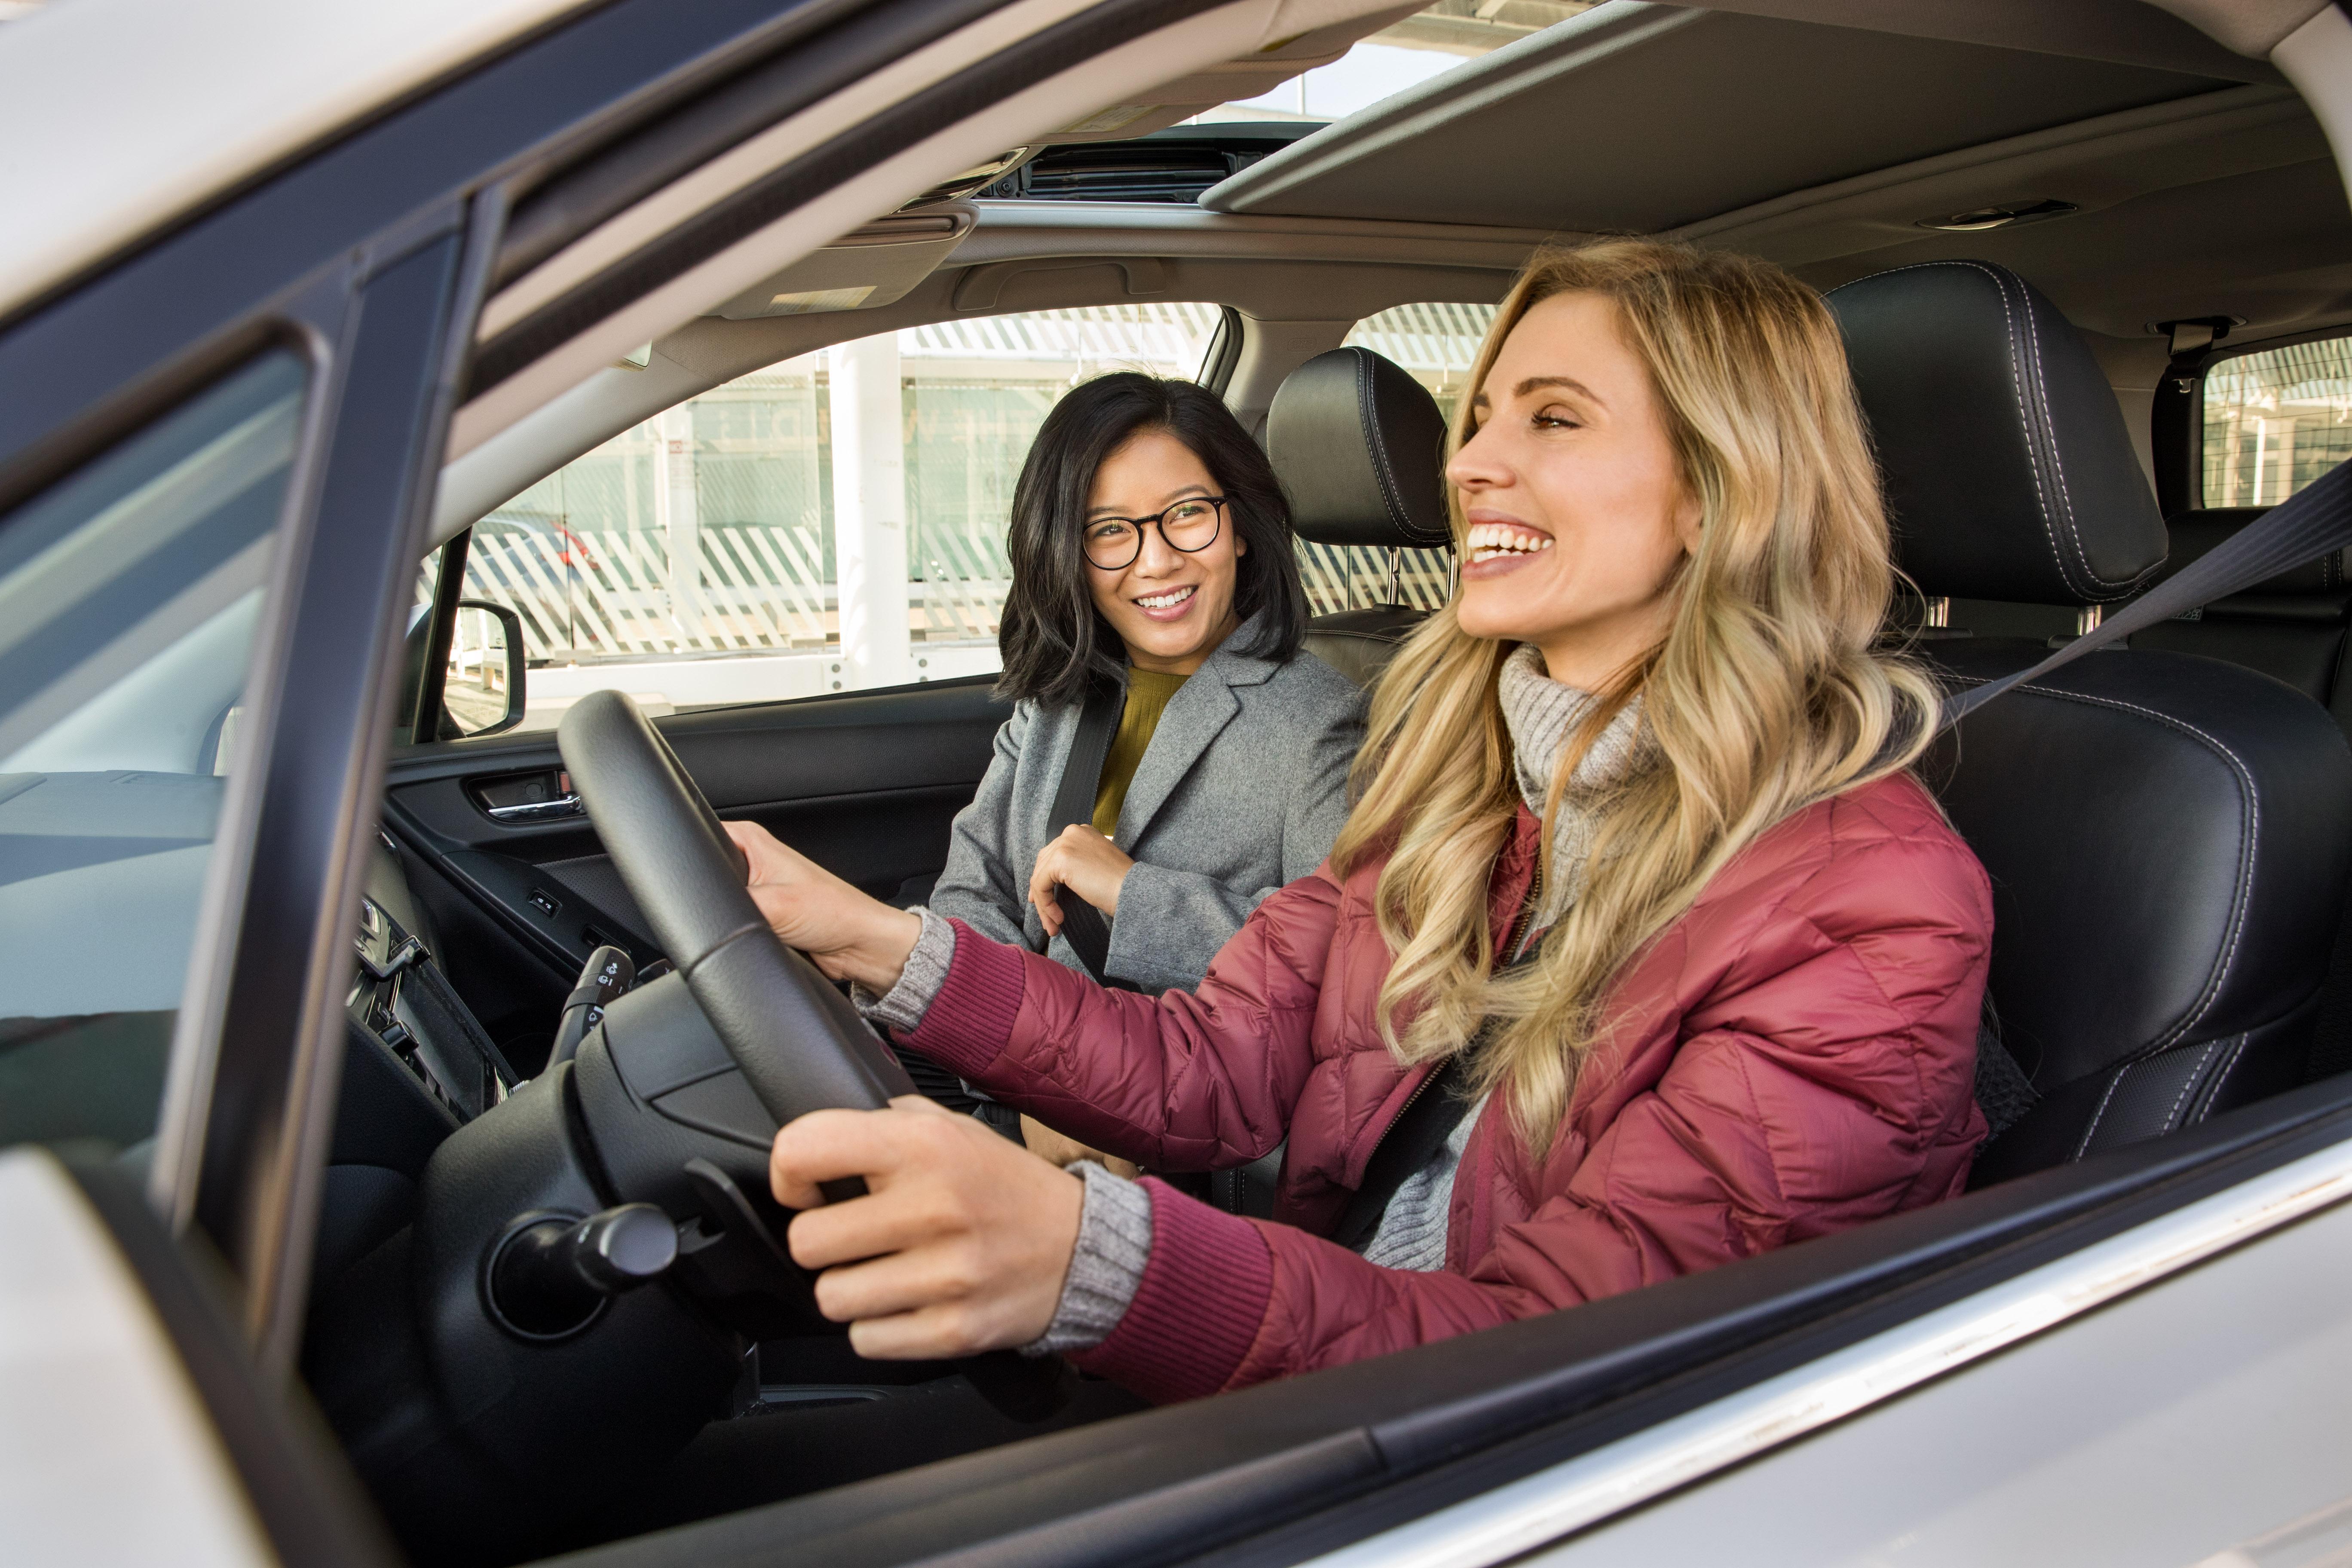 A Lyft driver and a passenger inside a car